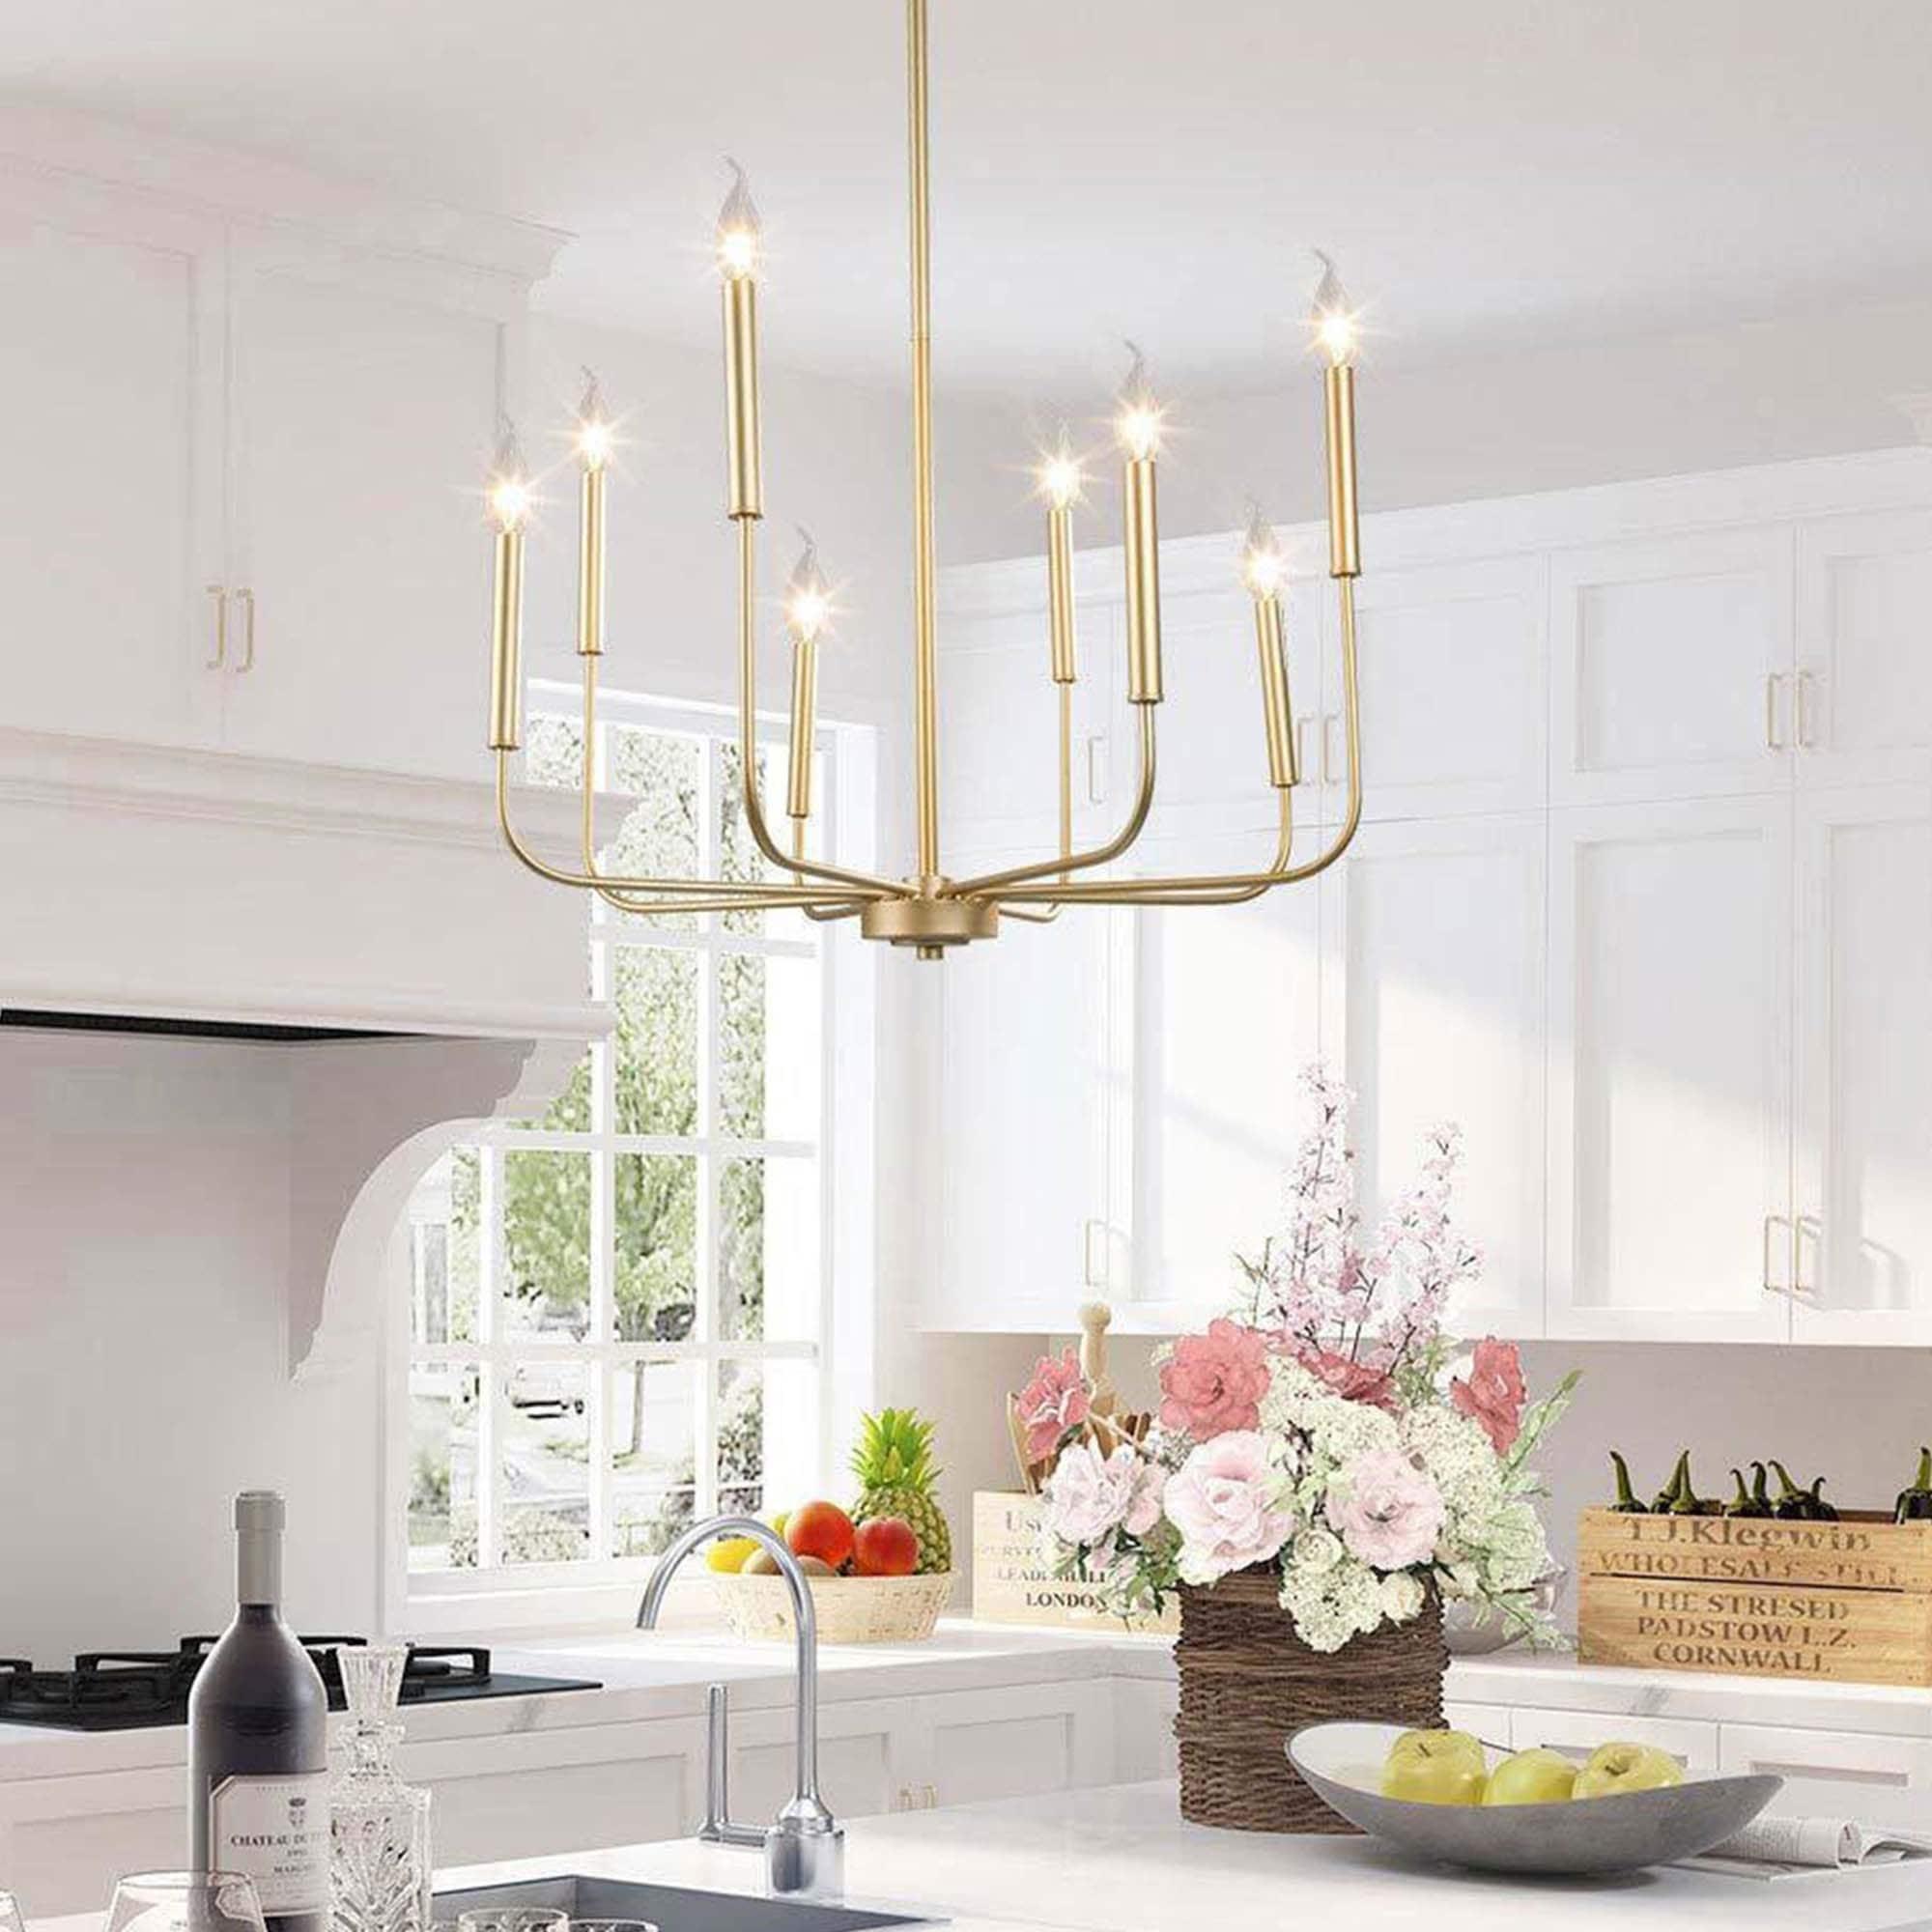 Custom Hanging Pendants Modern Lighting 5 Light Pendant Swag Chandelier Brass LED Gold Dip Bulbs Bedroom Lighting Chandelier